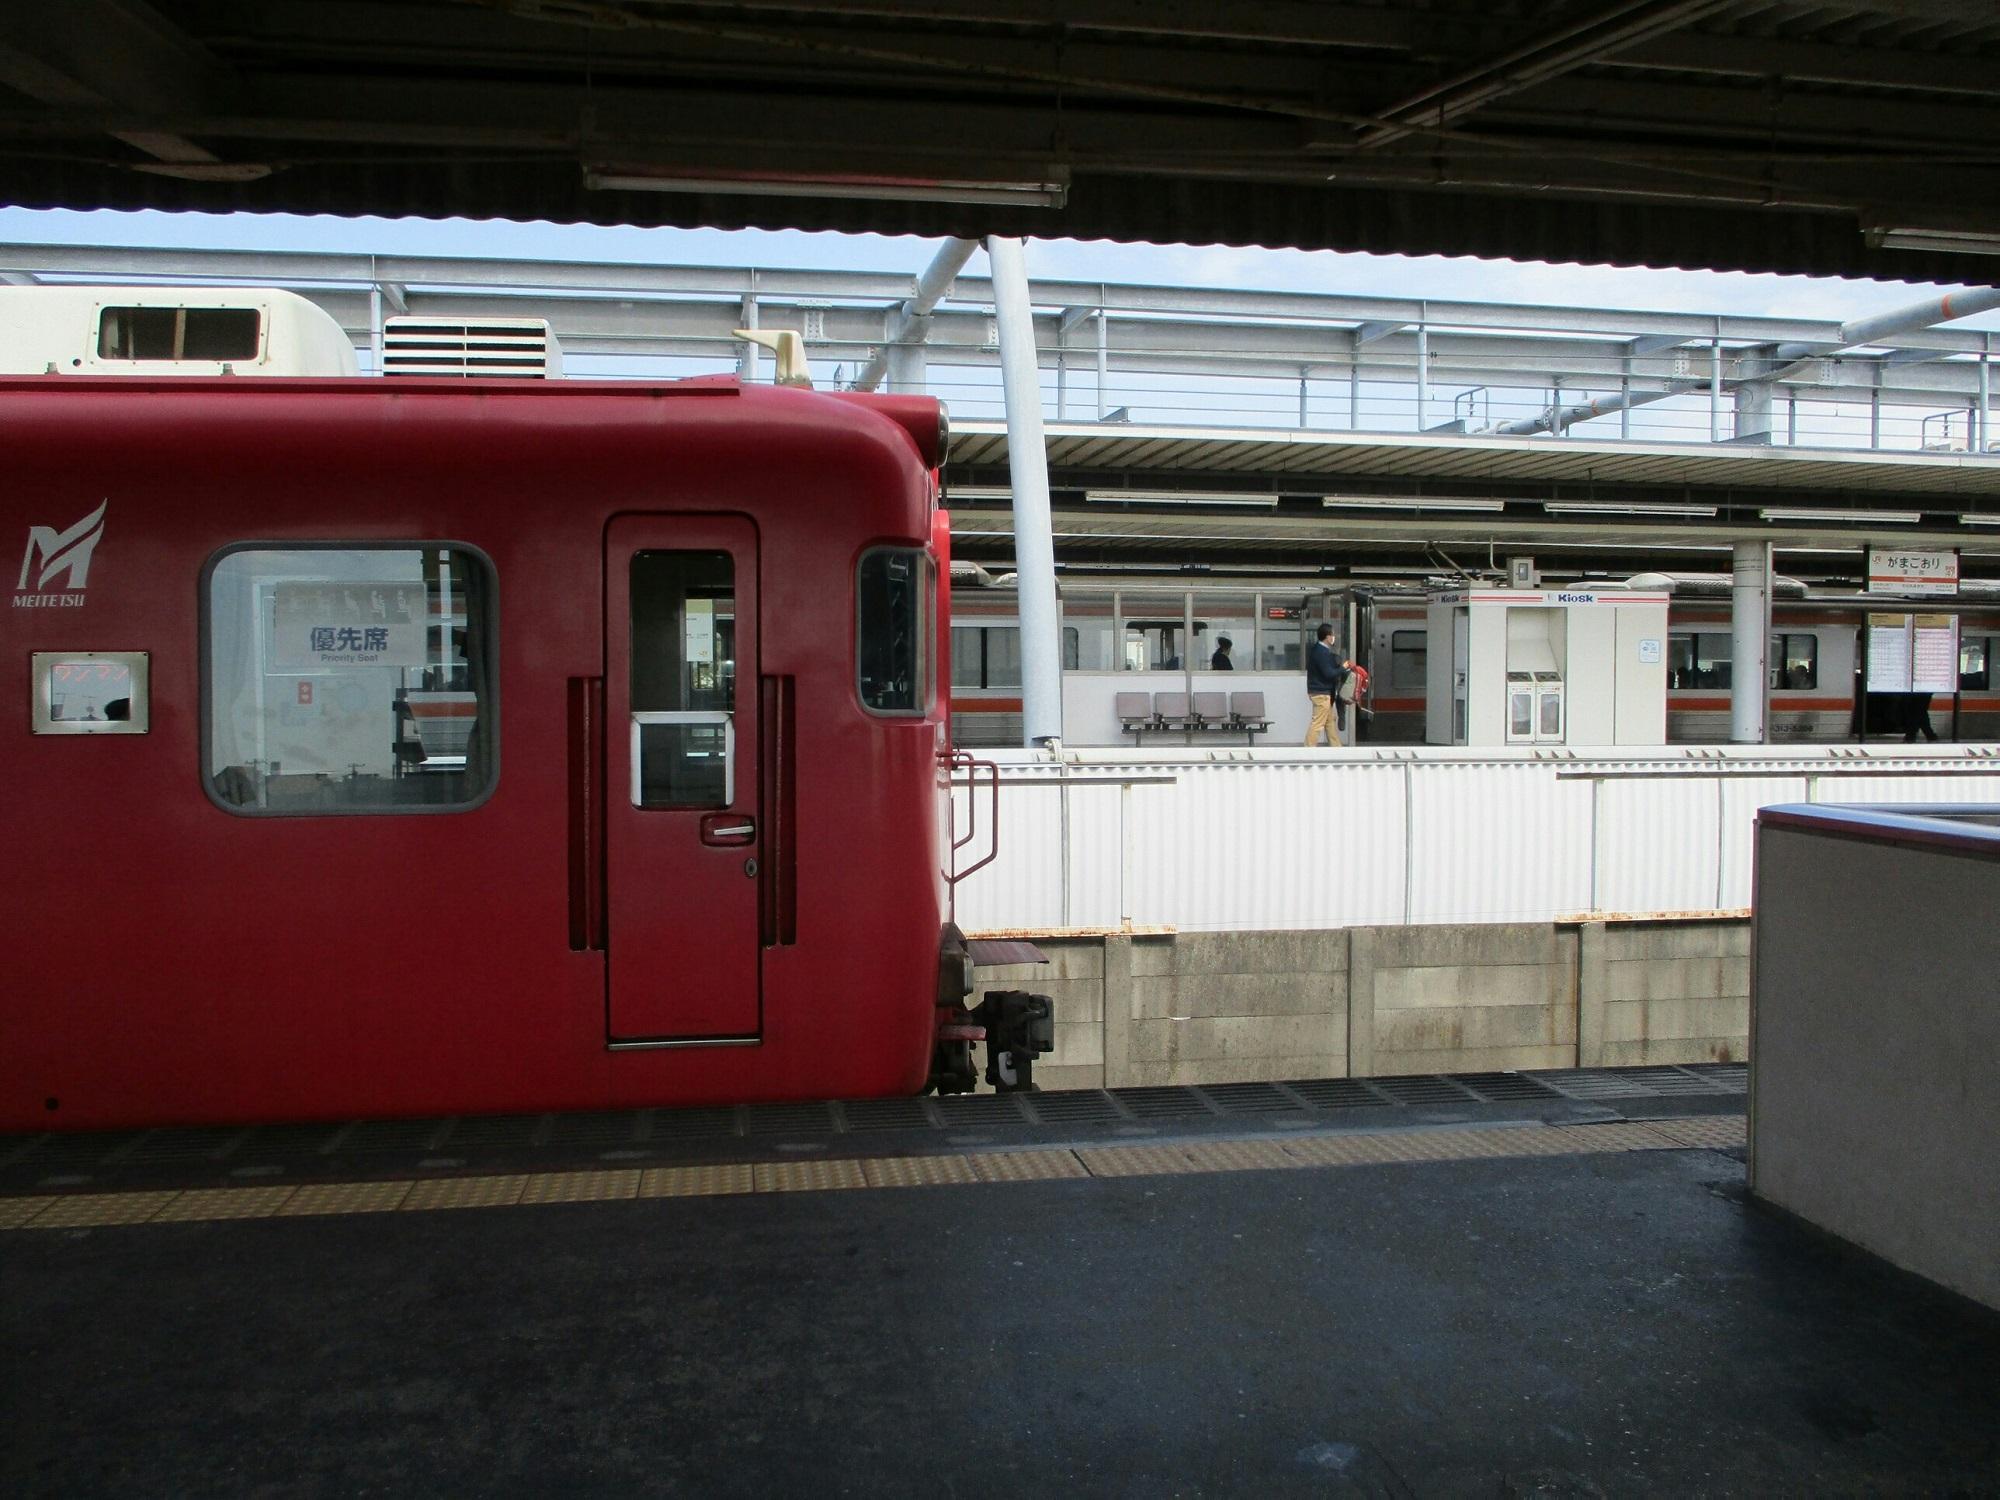 2019.3.26 (45) 蒲郡 - 蒲郡いきふつうと大垣いき新快速 2000-1500